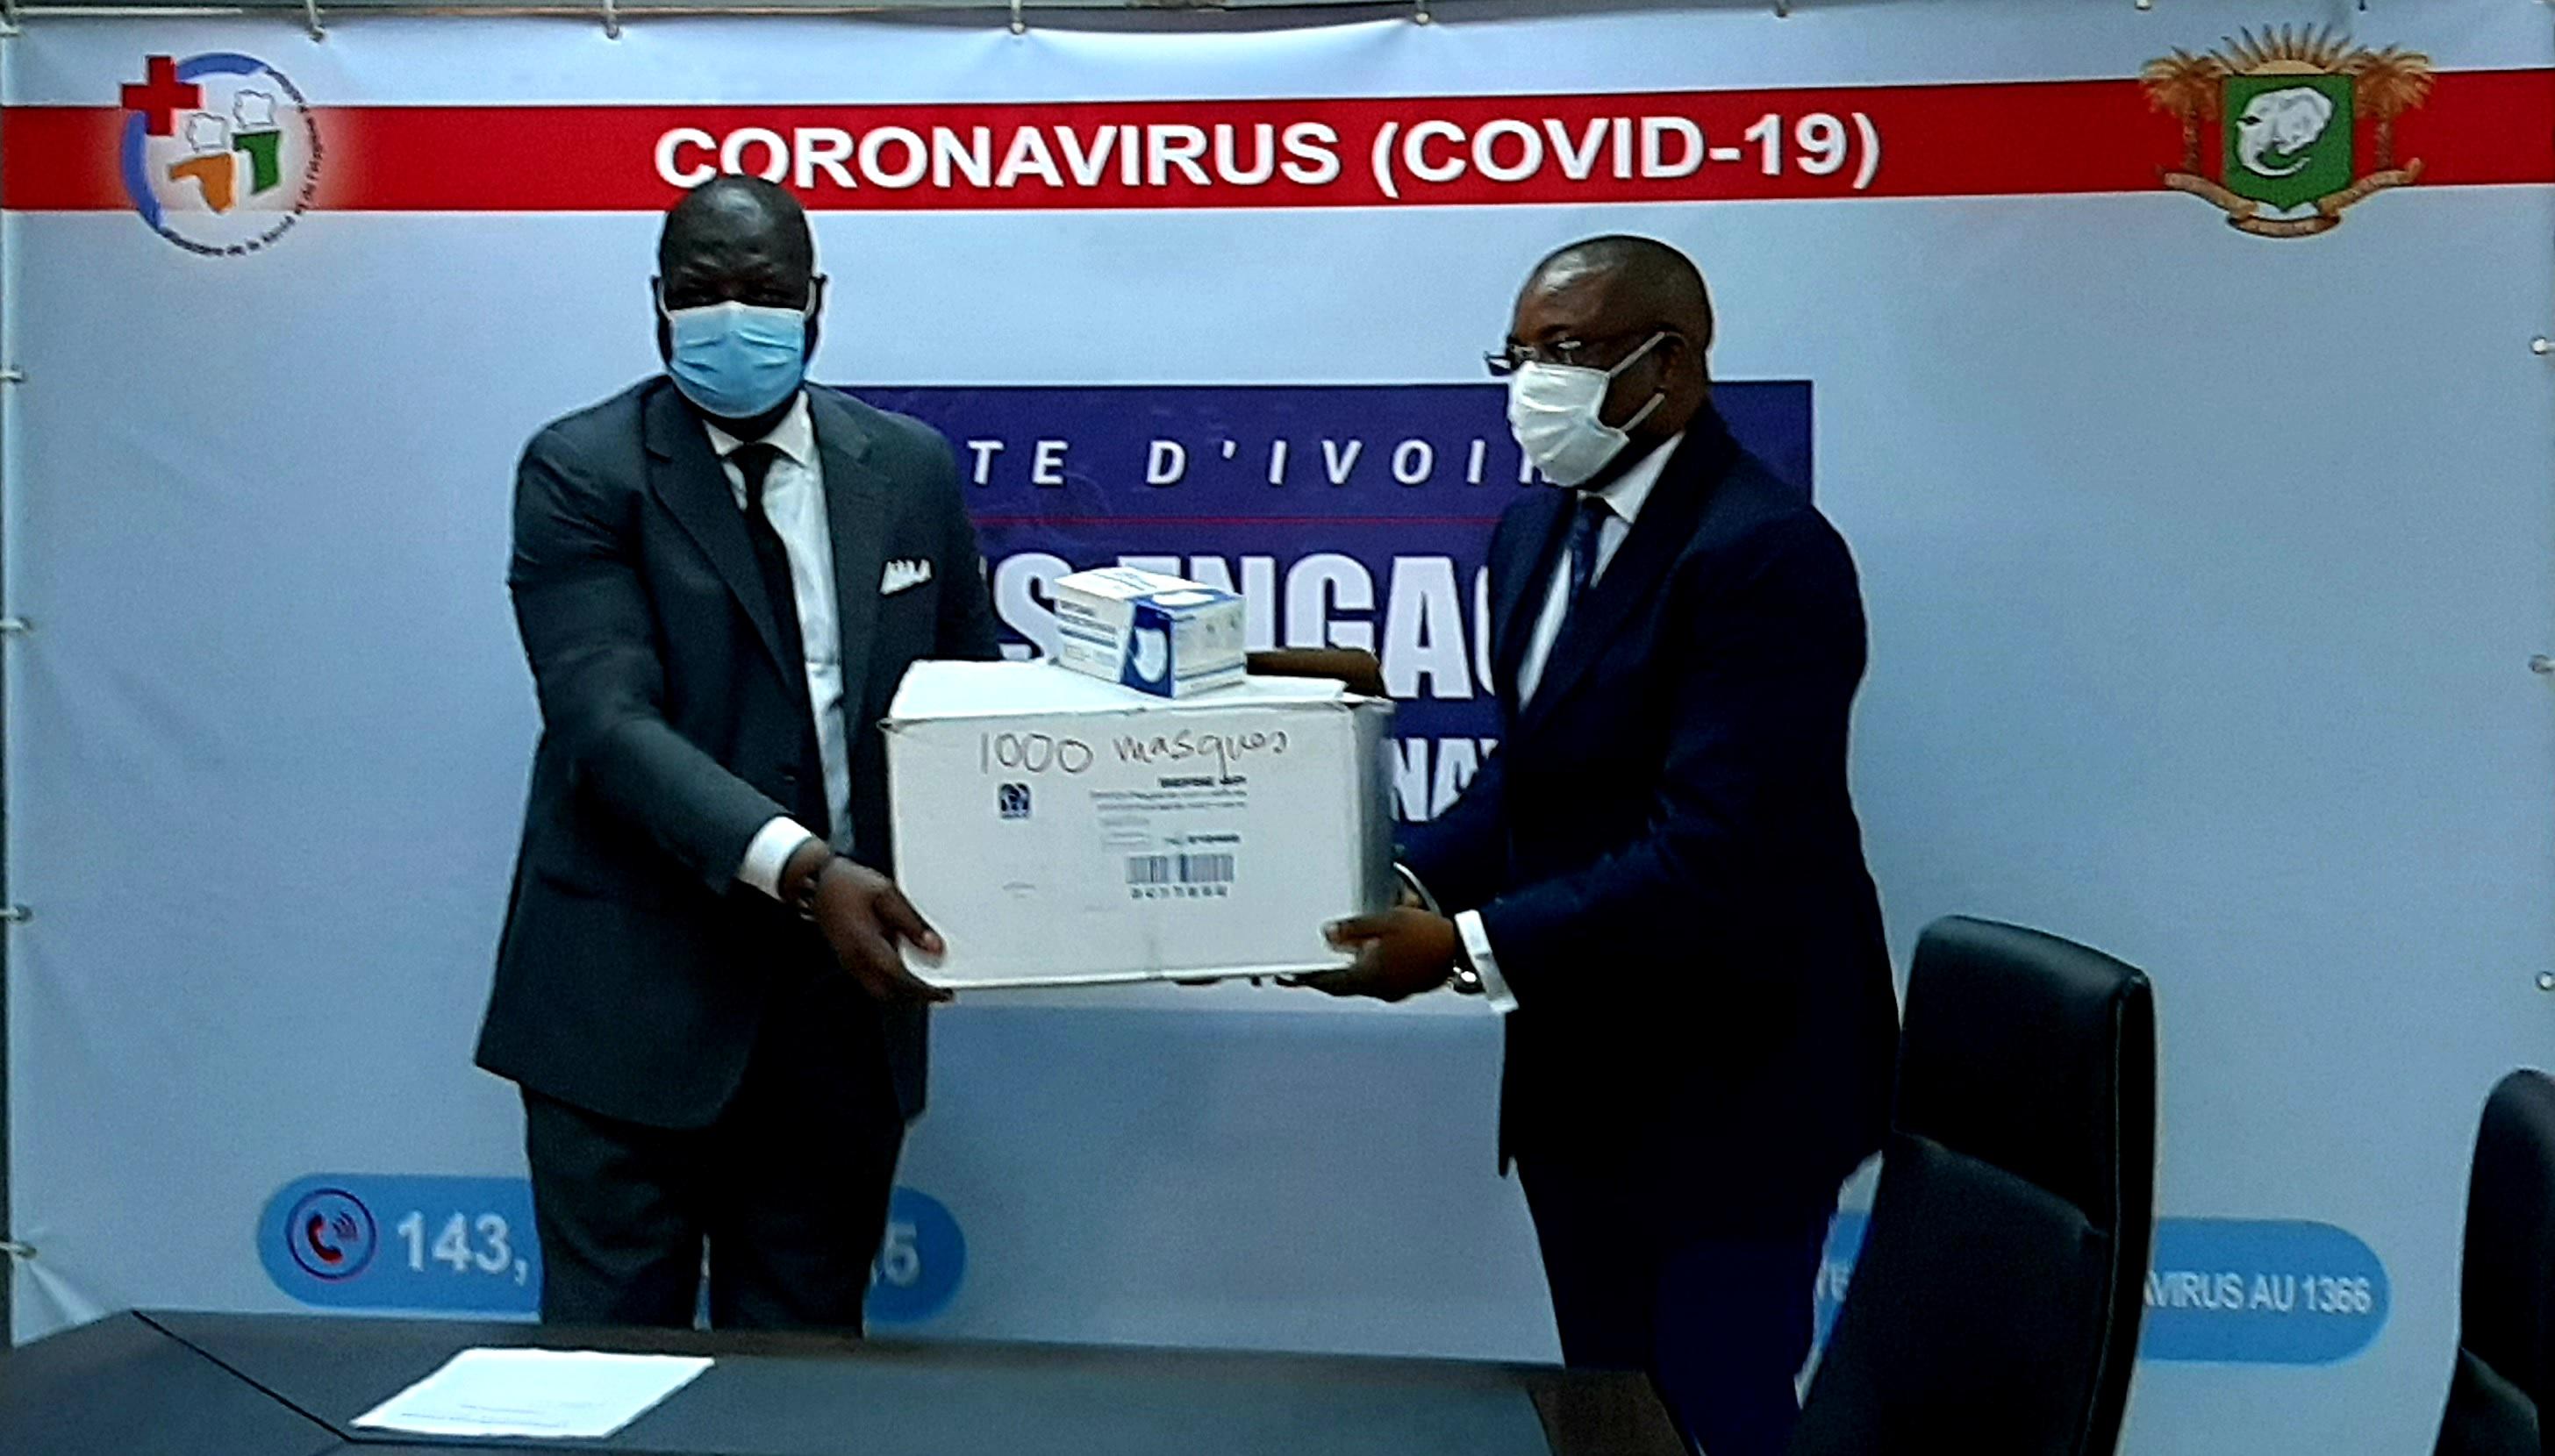 lutte-contre-le-covid-19-la-cimenterie-lafargeholcim-apporte-un-soutien-de-plus-de-5-millions-au-ministere-de-la-sante